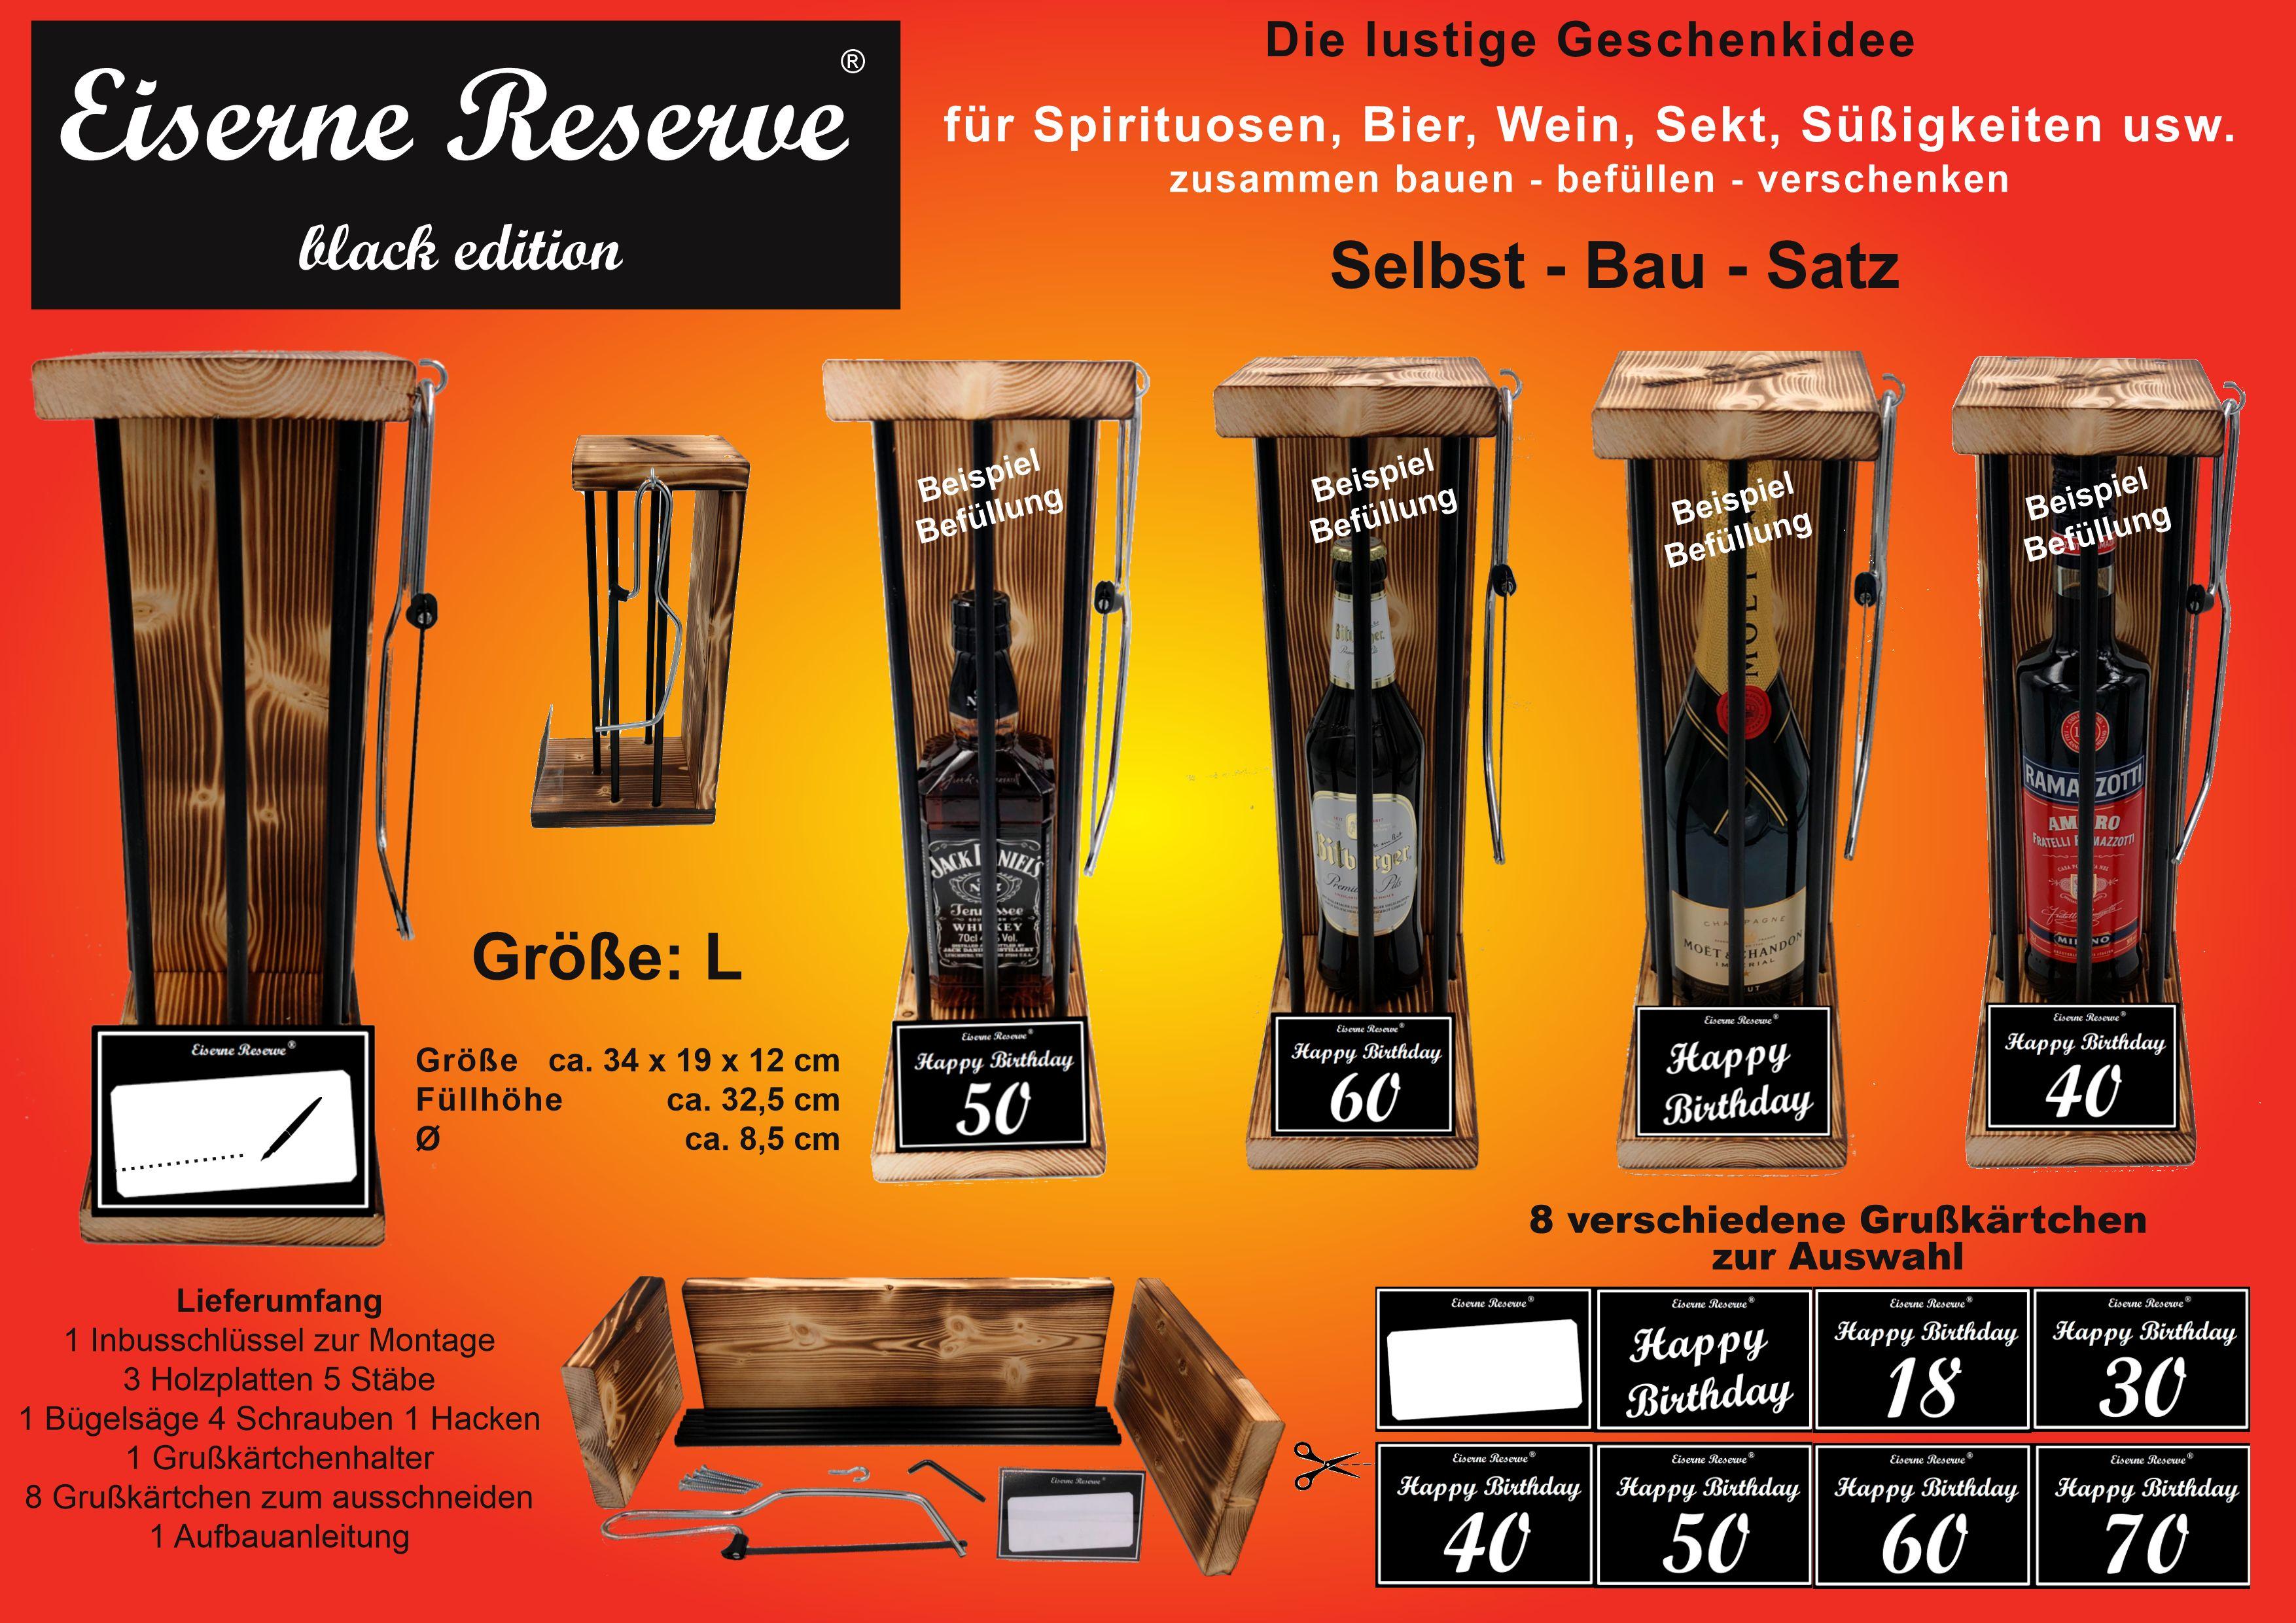 Eiserne Reserve ® Black Edition - Größe L - Selbst-Bau-Satz - DIY